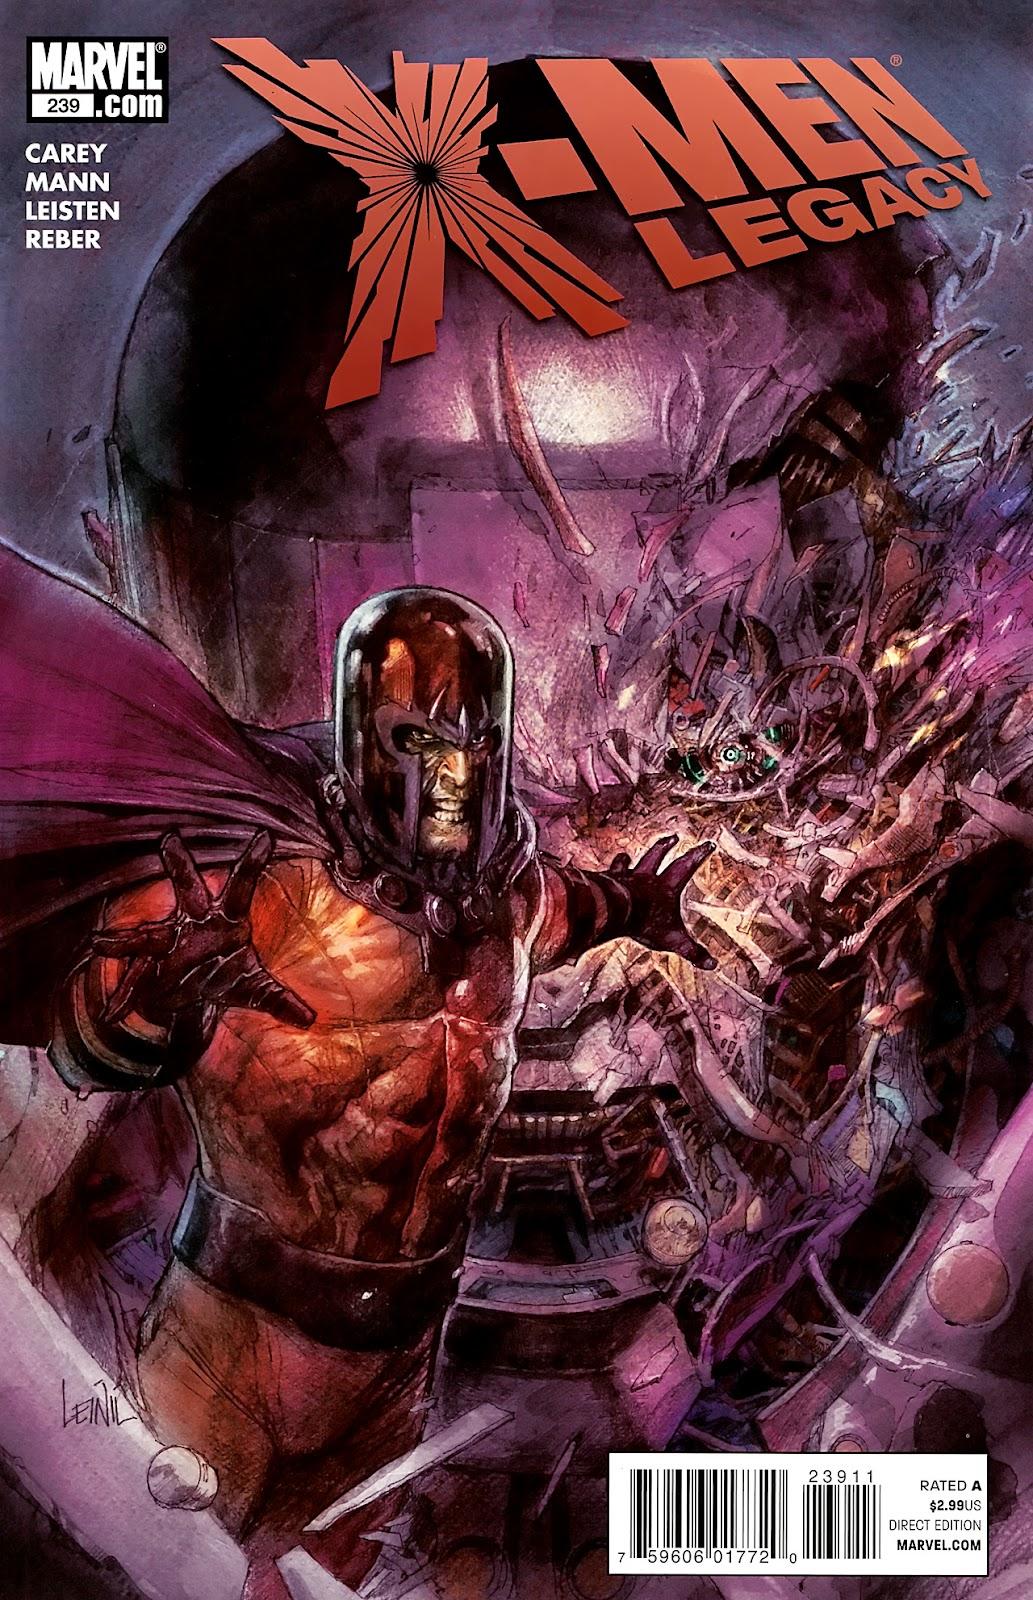 X-Men Legacy (2008) 239 Page 1